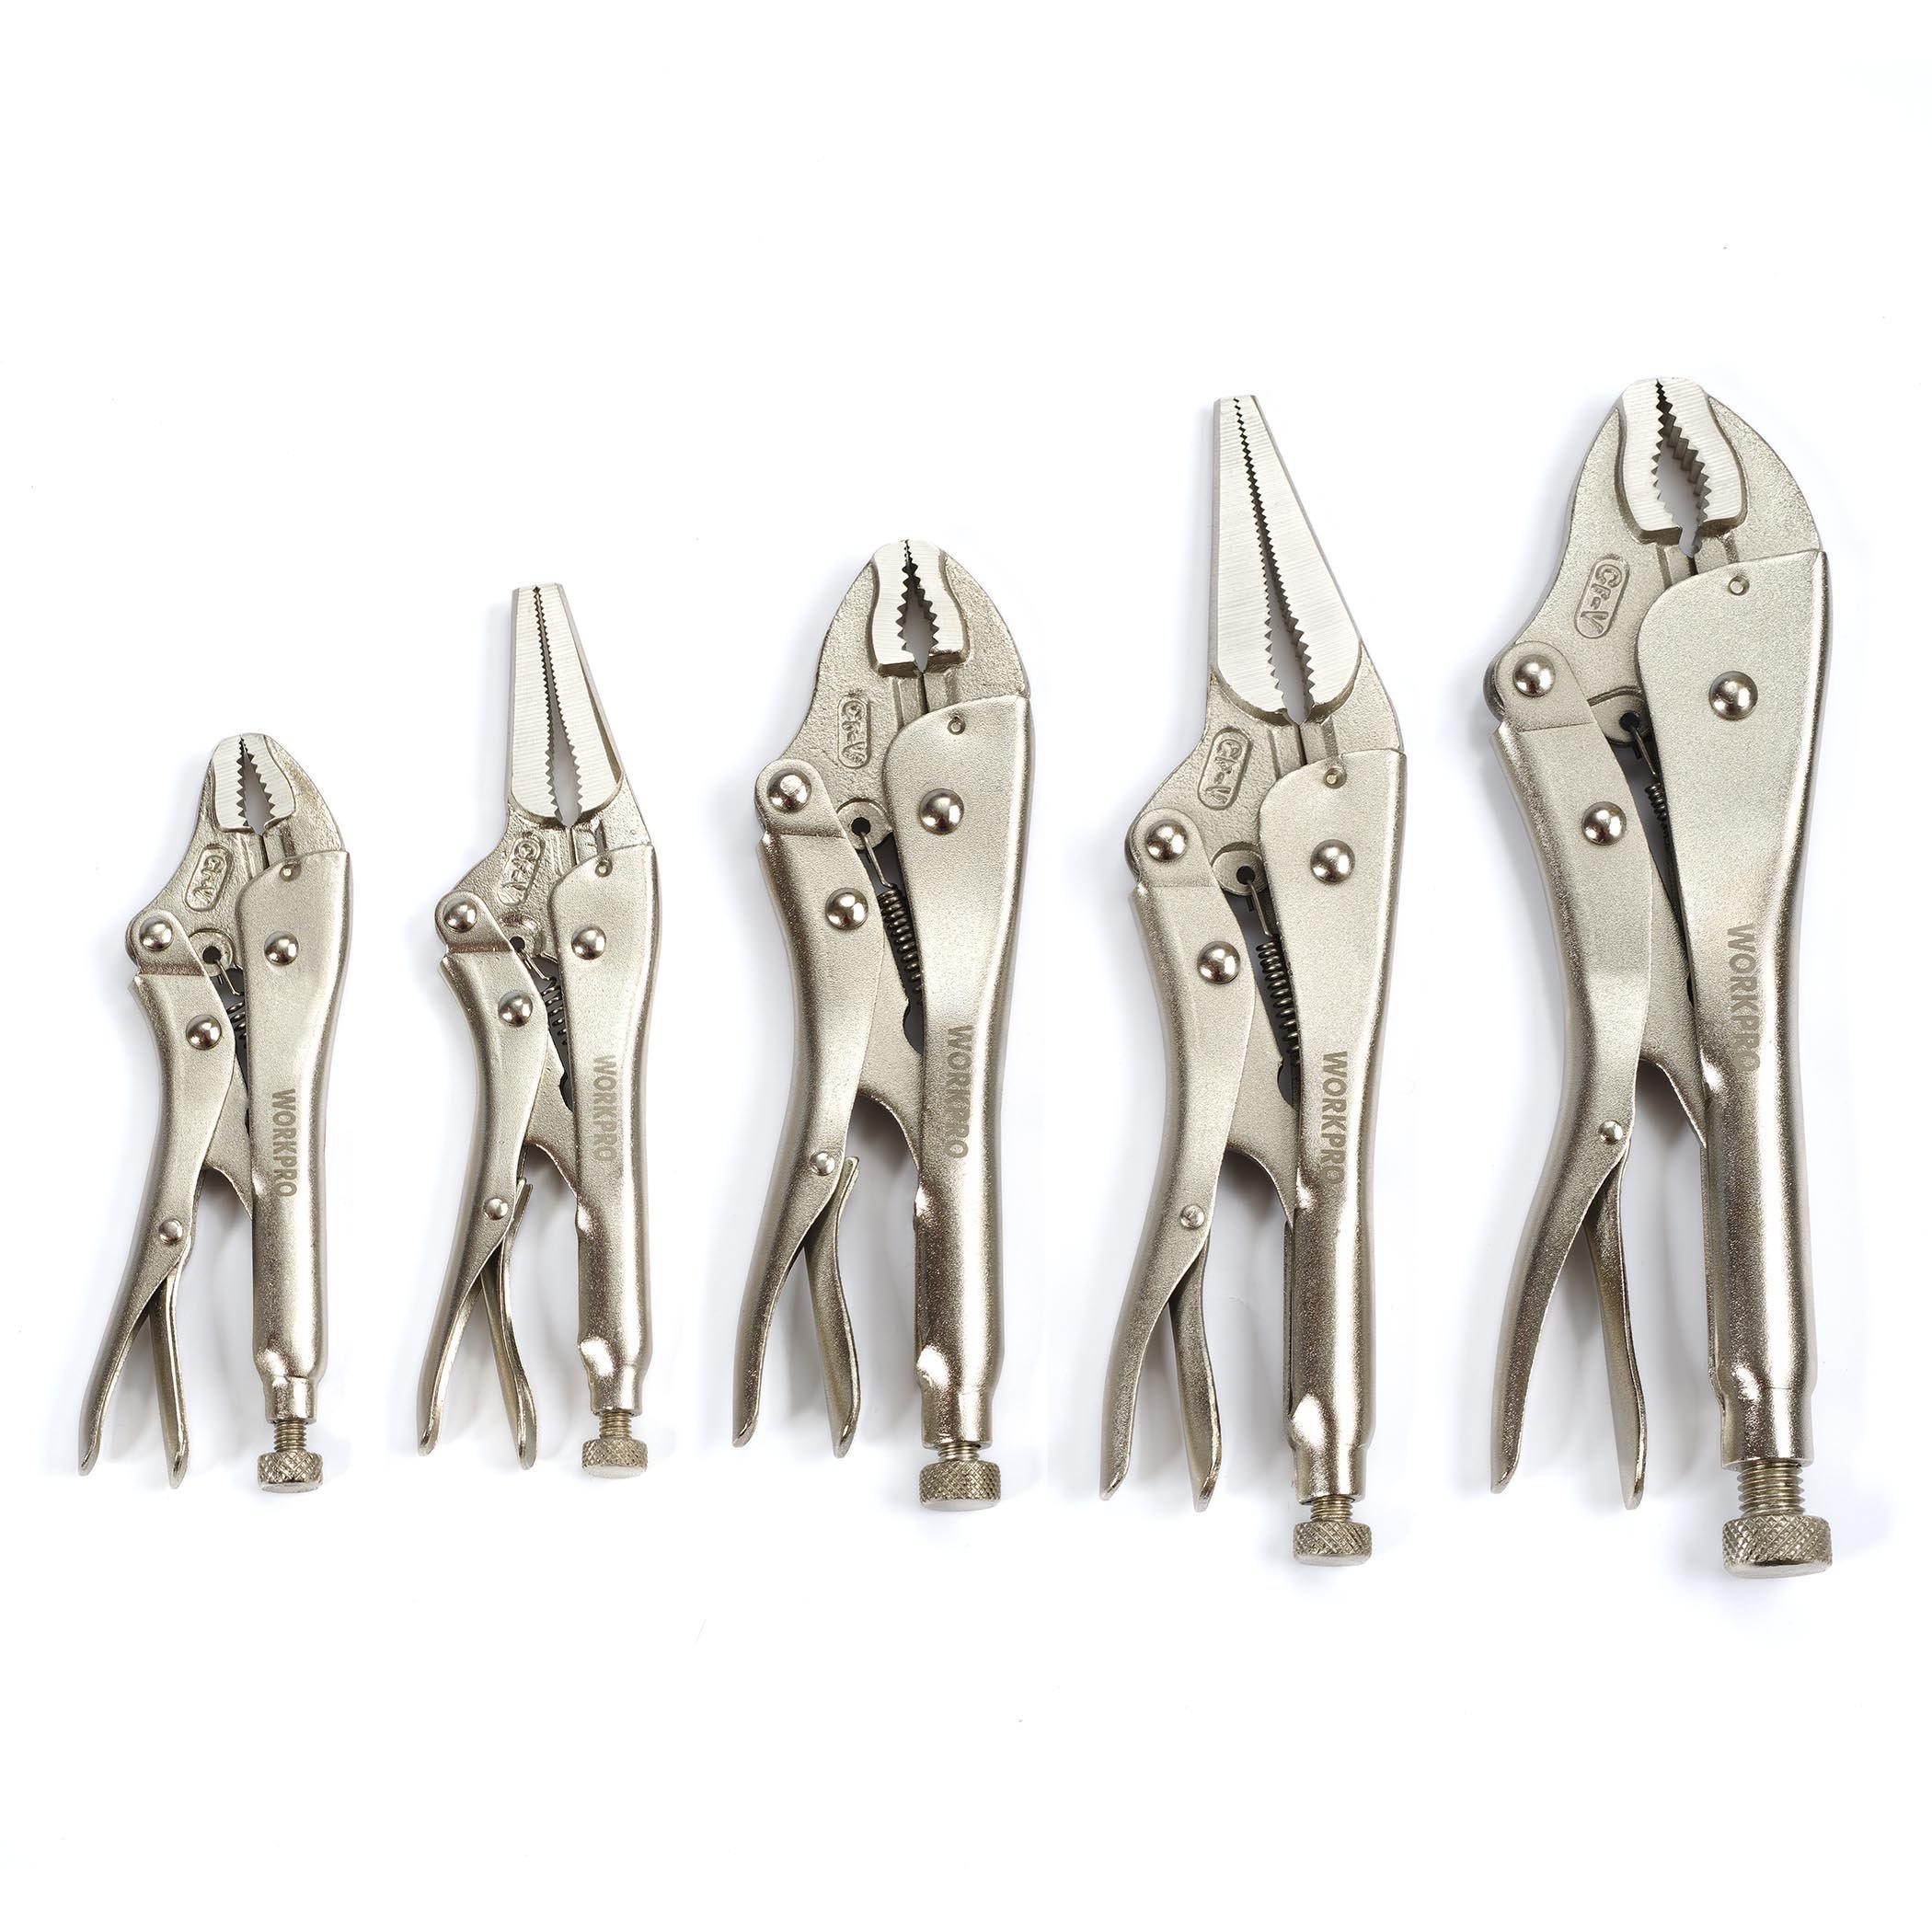 WORKPRO W001316A 5-Piece Locking Pliers Set(5/7/10 inch Curved Jaw Pliers,6.5/9 inch Long Nose Pliers) by WORKPRO